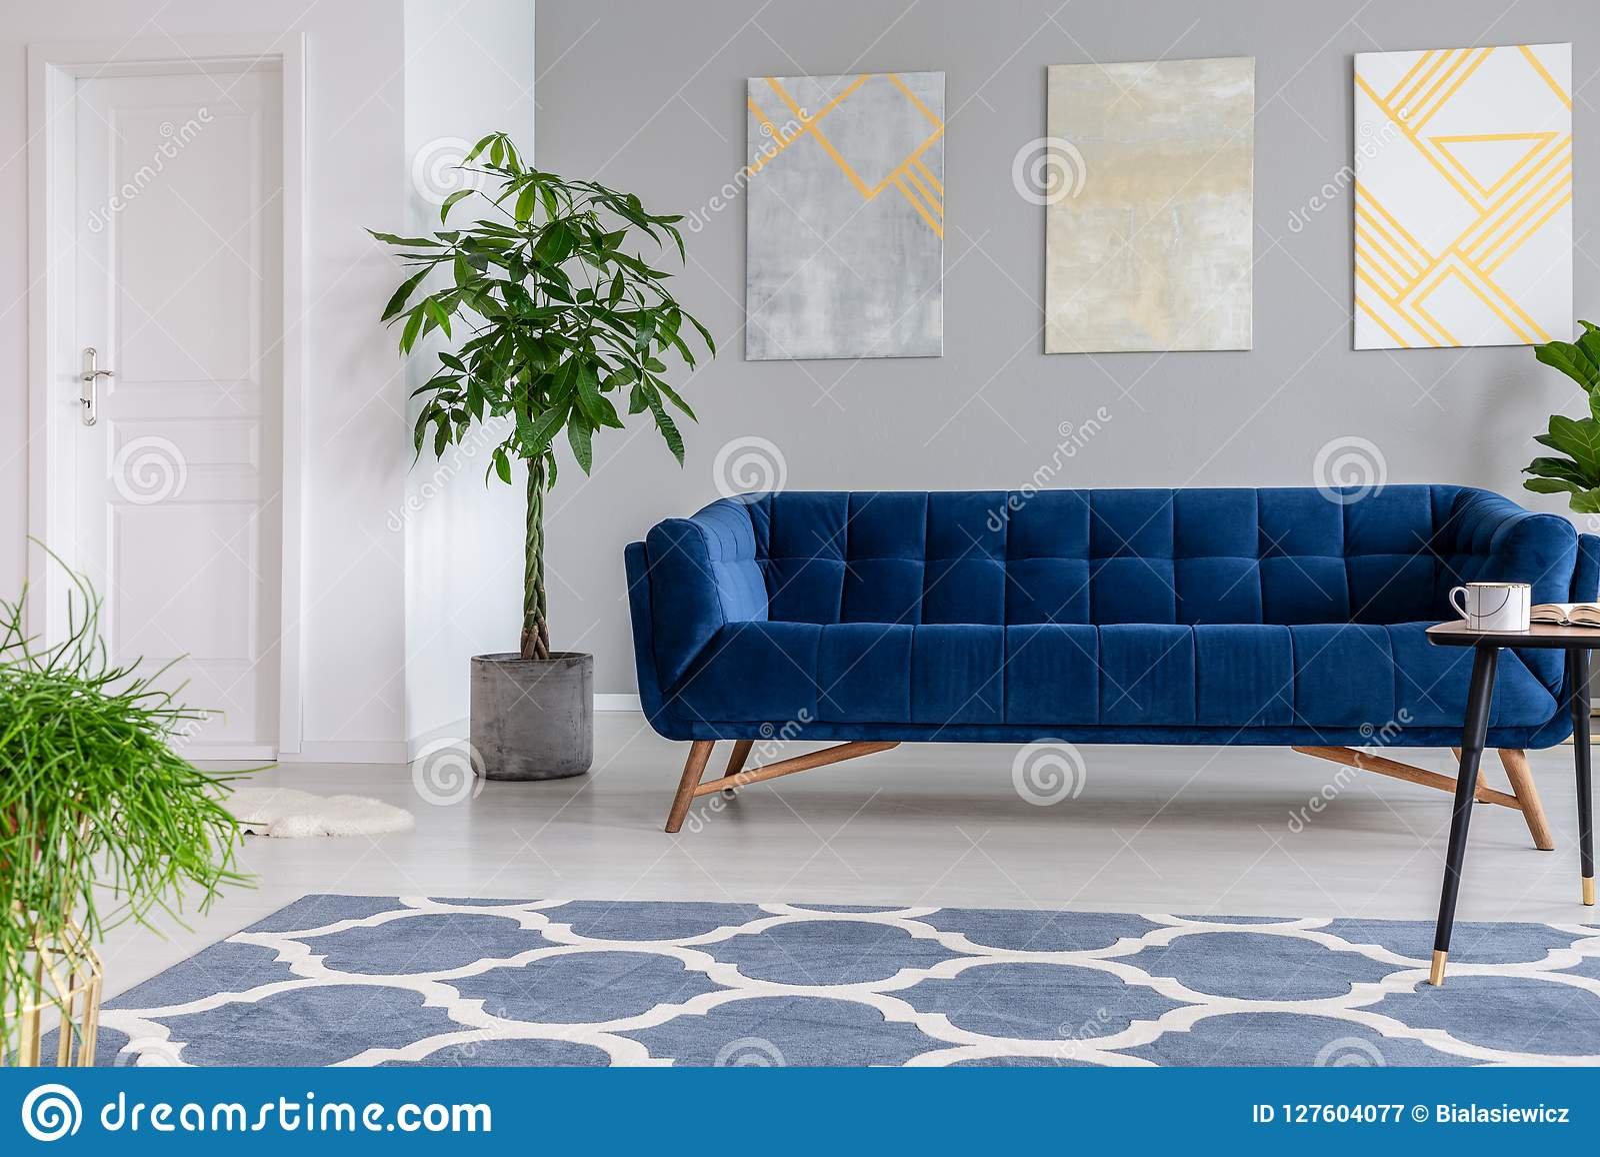 Peintures graphiques sur un mur gris derrière un divan bleu-foncé de velours de luxes dans un intérieur élégant de salon avec des